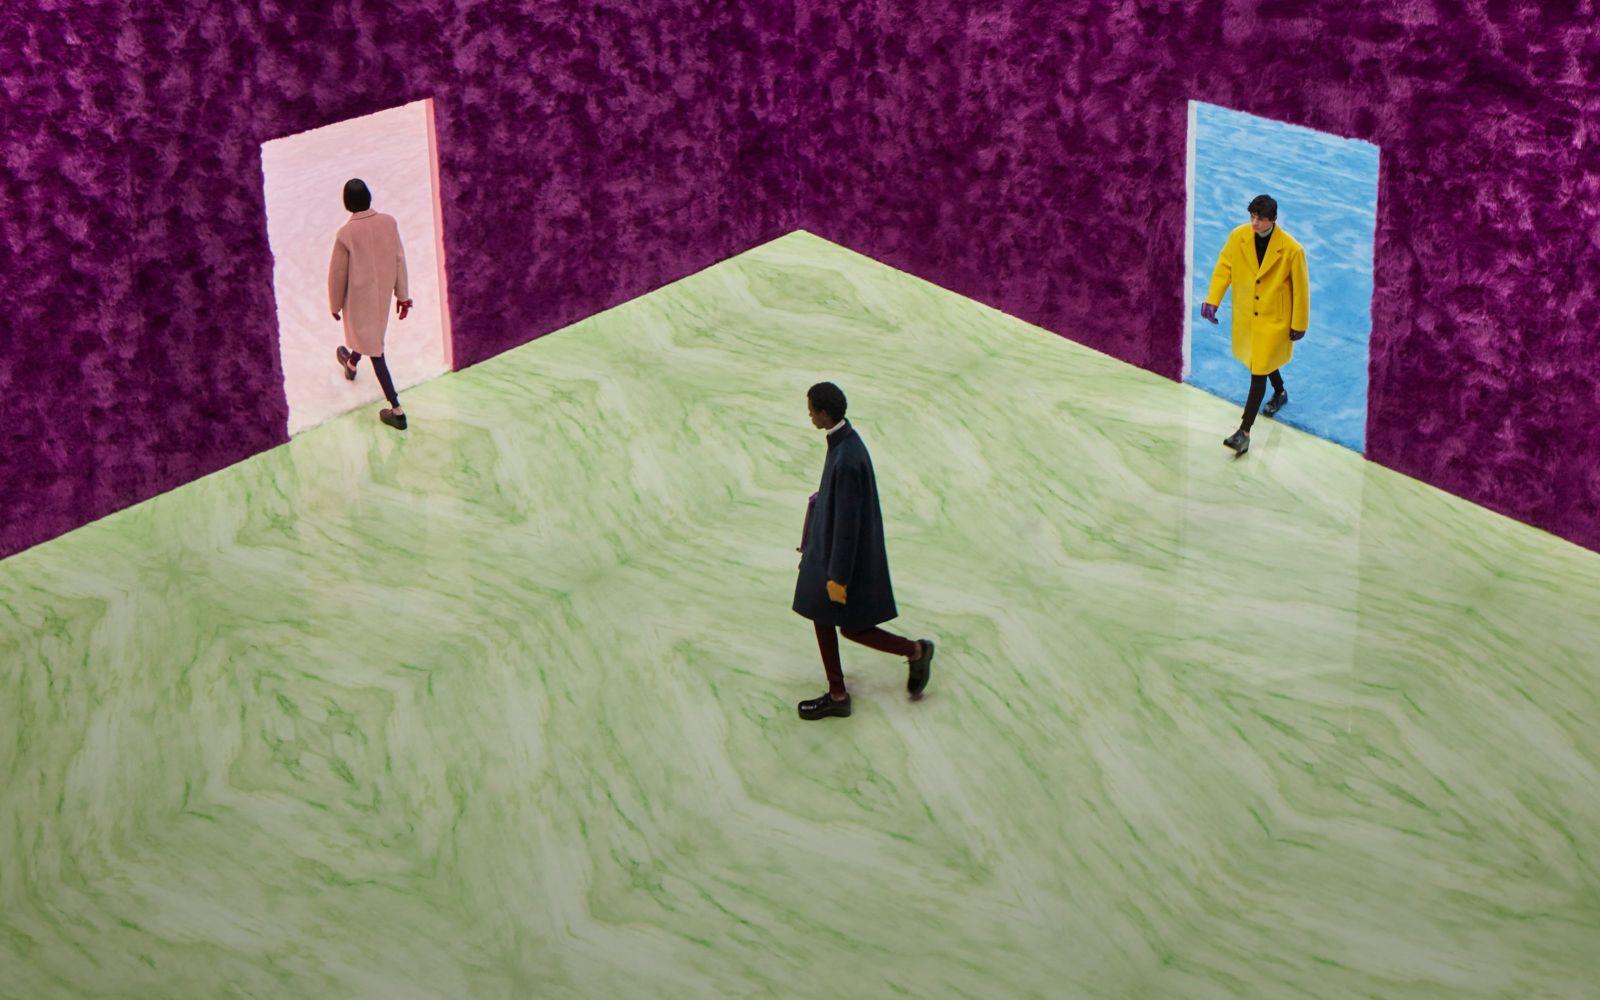 Raf Simons nezostáva nič dlžný svojej povesti ani v módnom dome Prada. Debutová pánska kolekcia ponúka eleganciu aj surovosť ulice